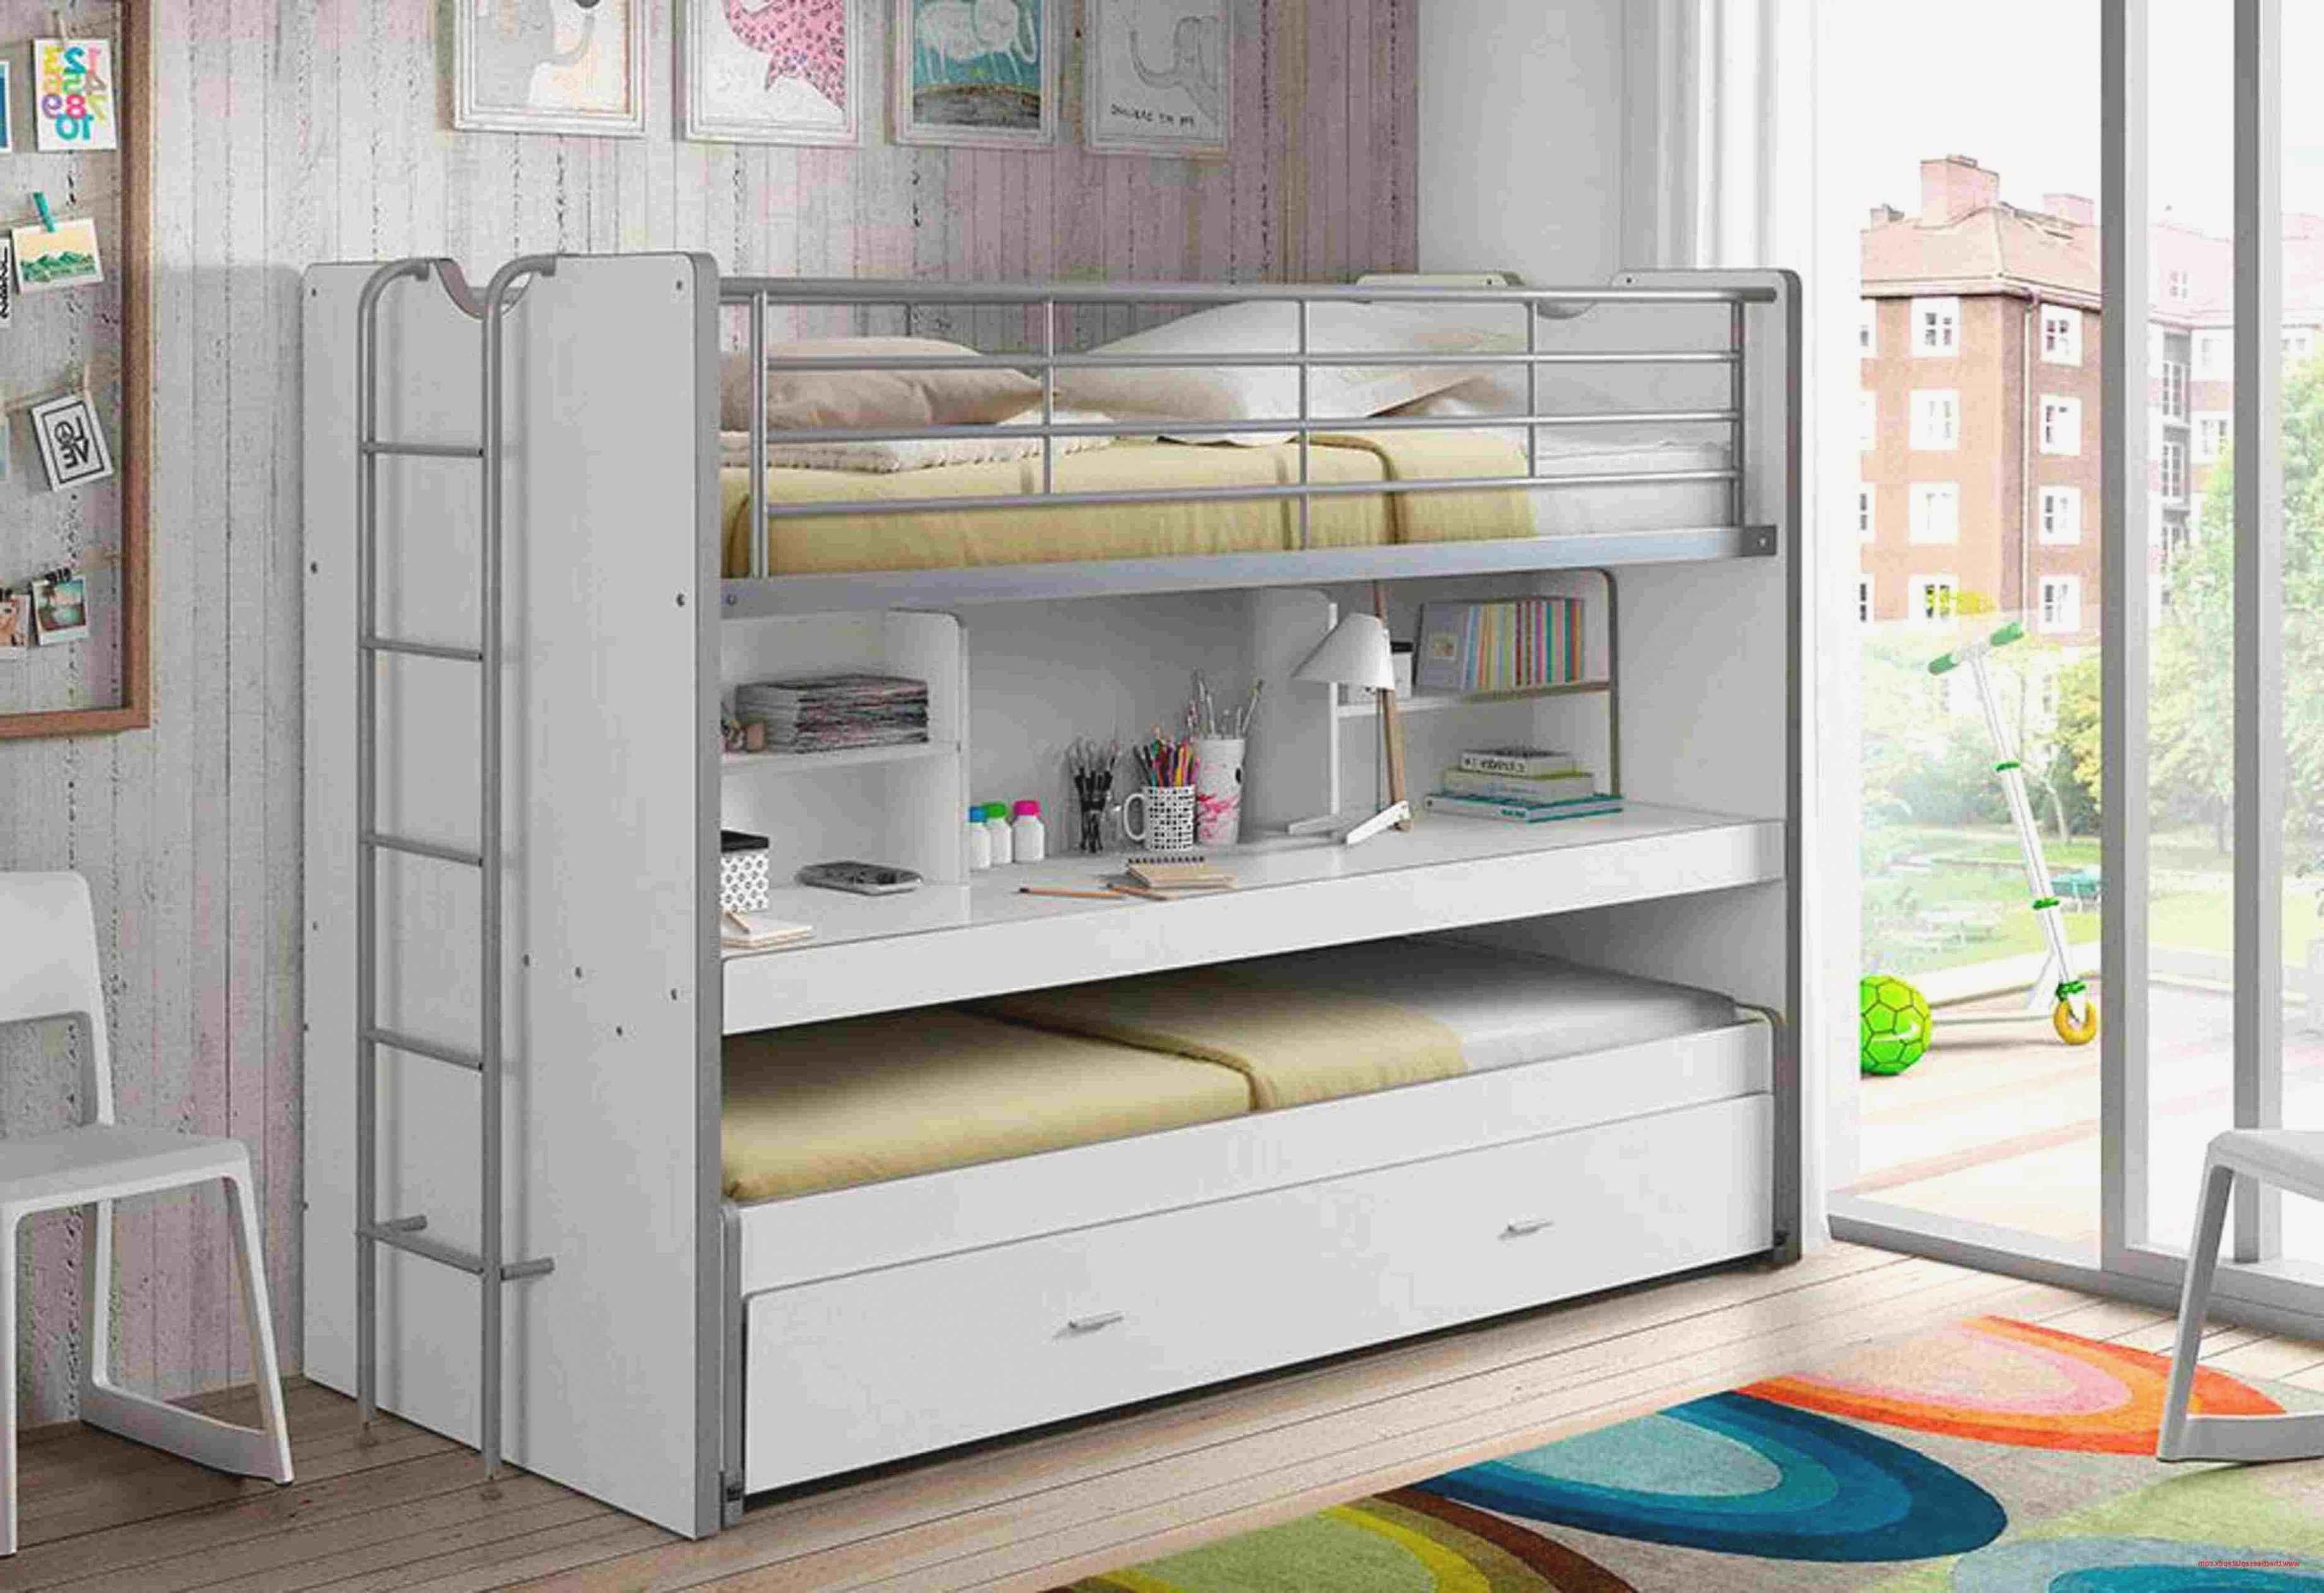 Kinderzimmer Schrank  Schrank Kinderzimmer Elegant 34 Luxuriös Ikea Kinderzimmer